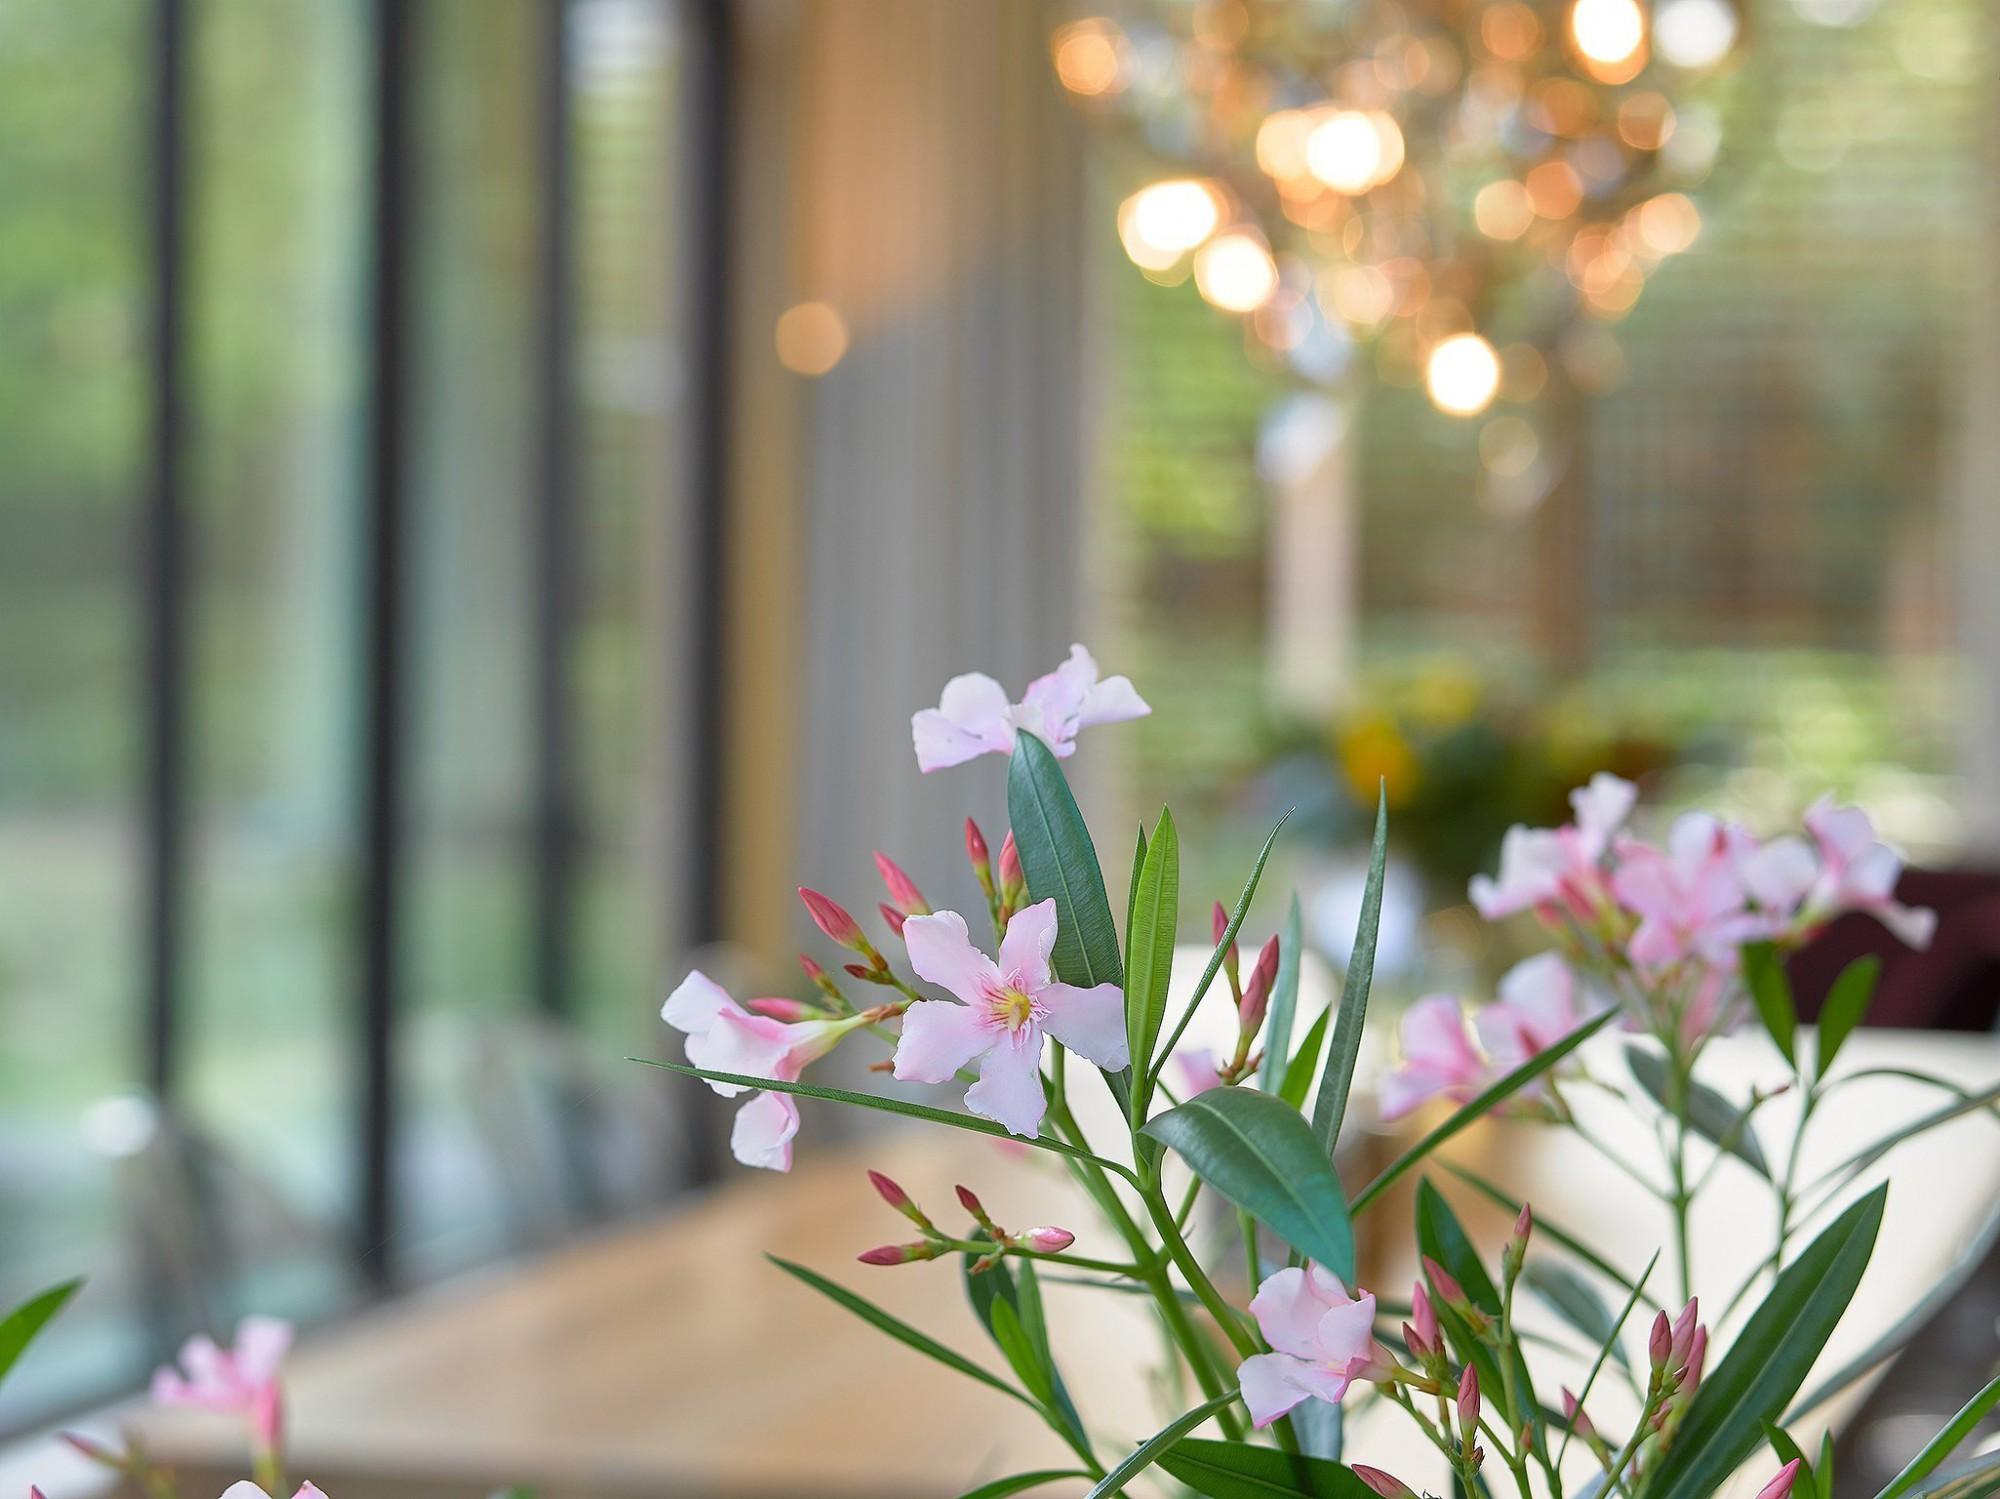 Afbeelding: Fotografie van tuinkamers, verandas, eiken bijgebouwen, poolhousen, …hedendaagse beleving.